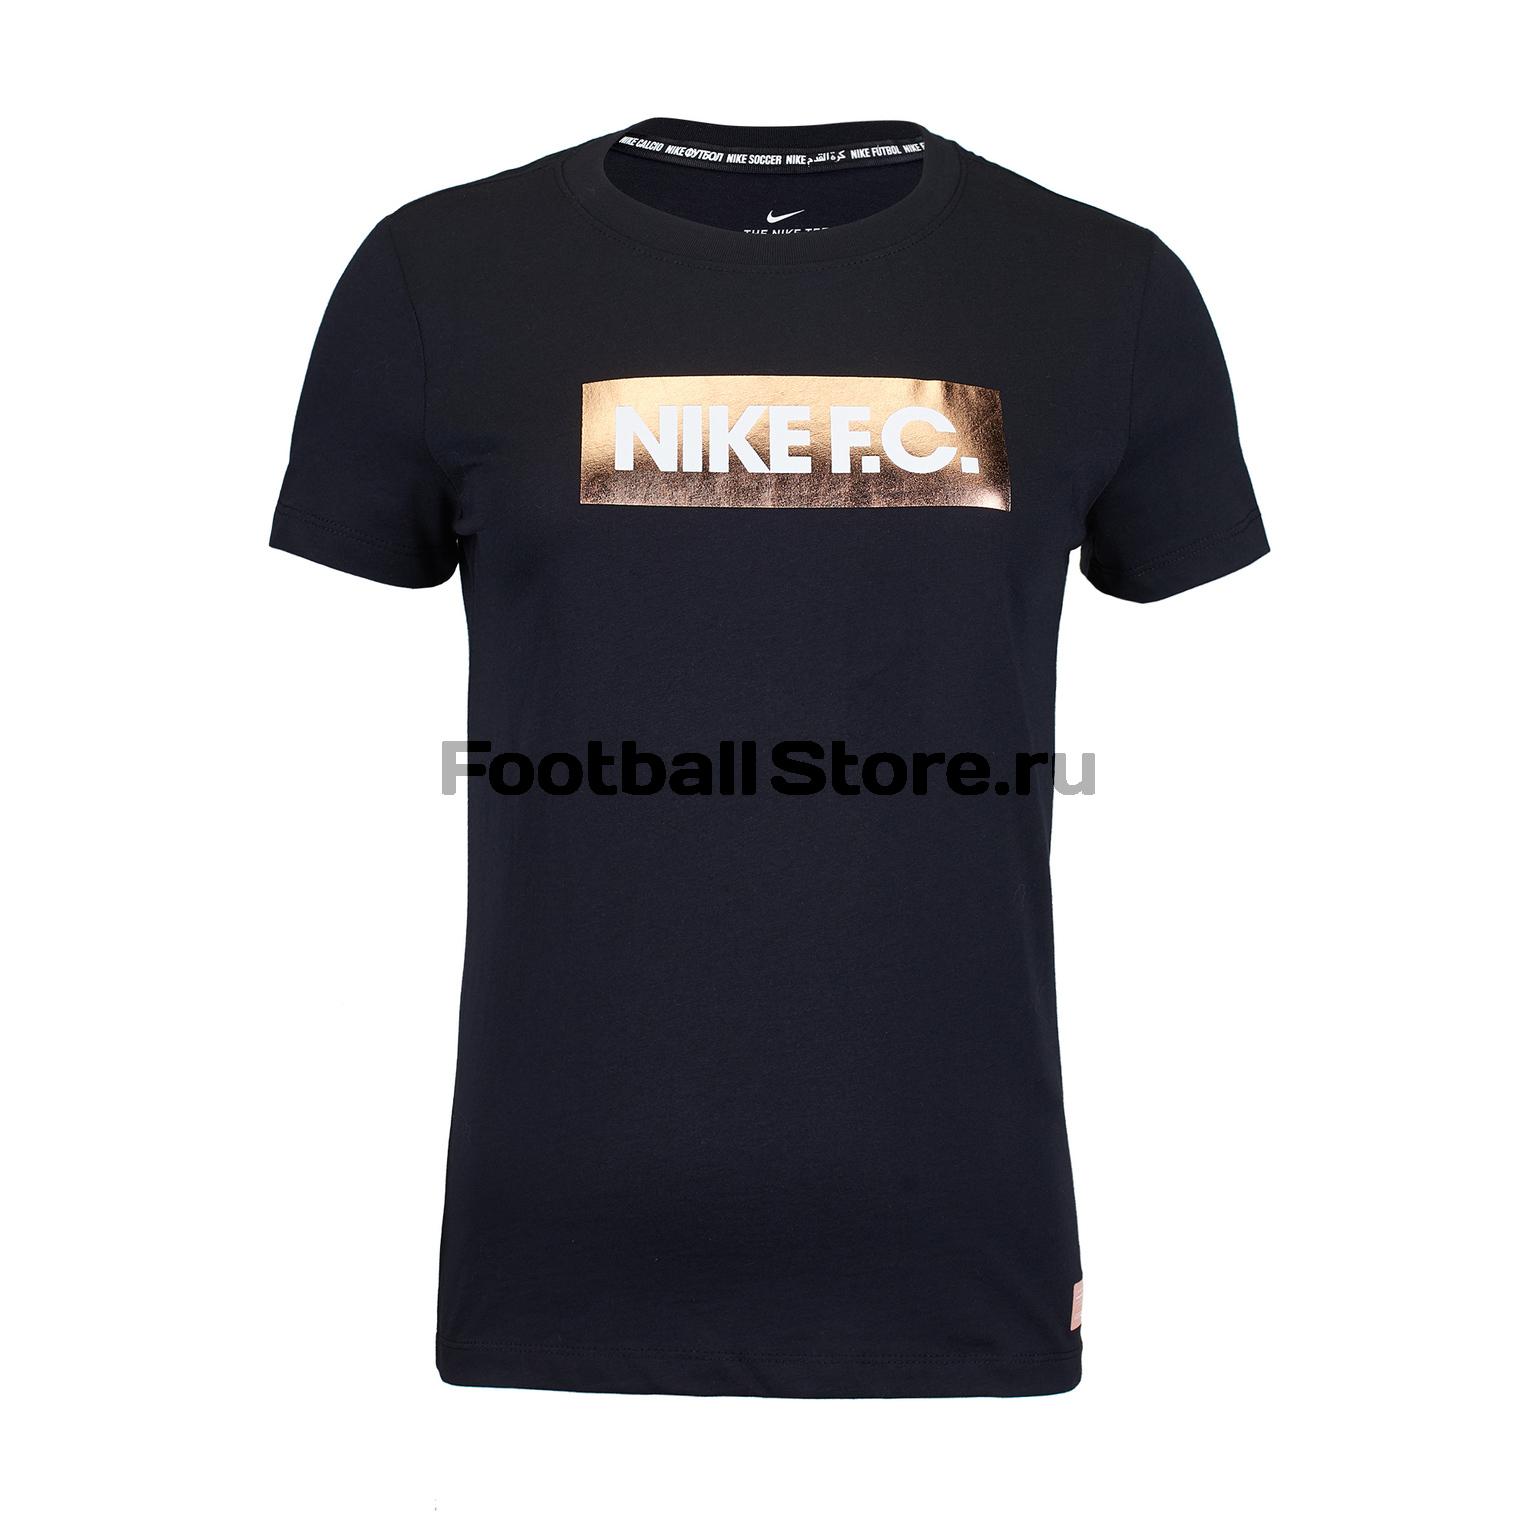 Футболка хлопковая женская Nike F.C. Tee Block Logo BV7097-010